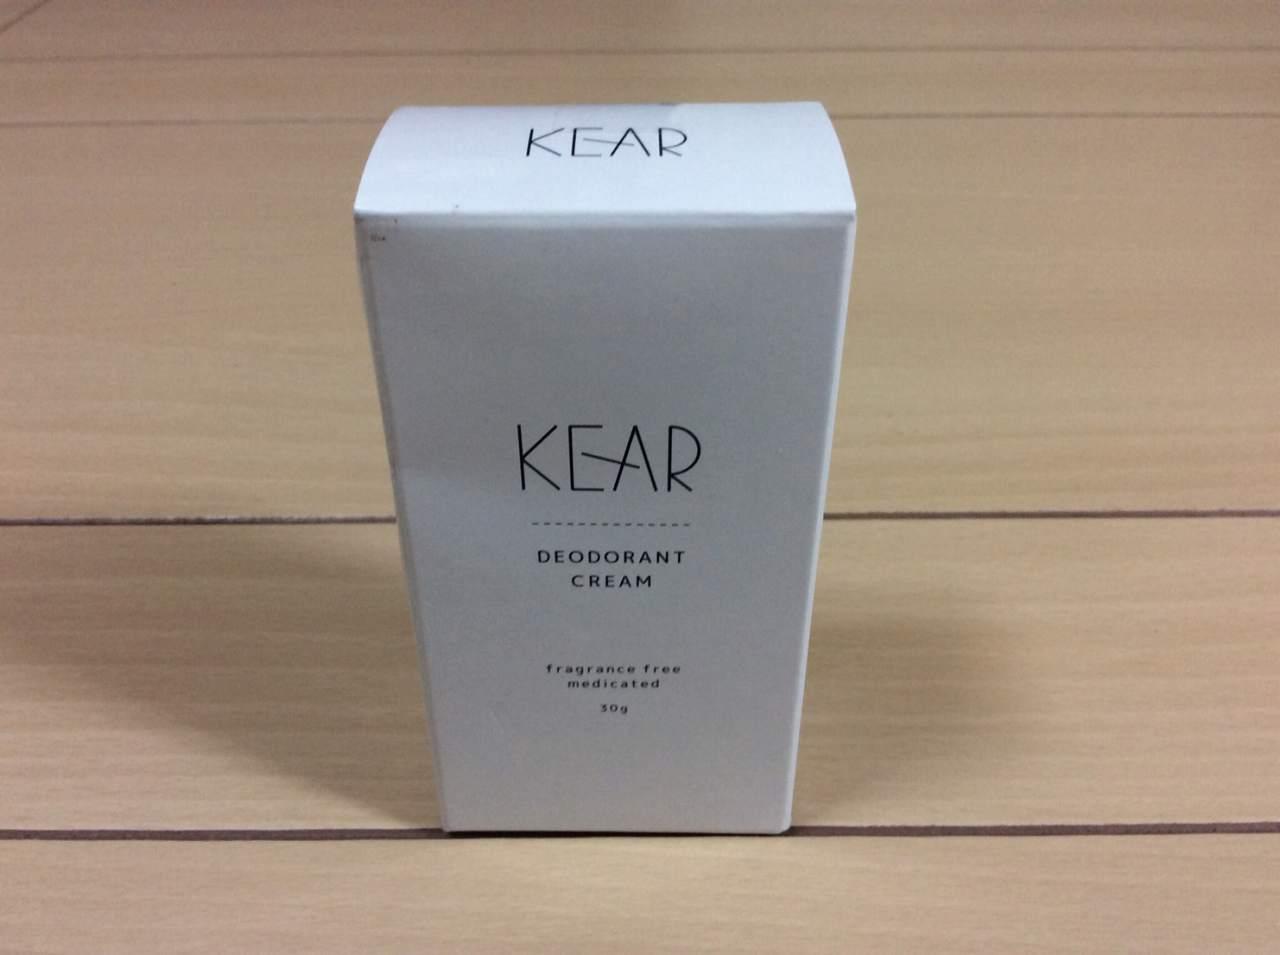 デオドラントクリーム「KEAR(ケアラ)」のパッケージ